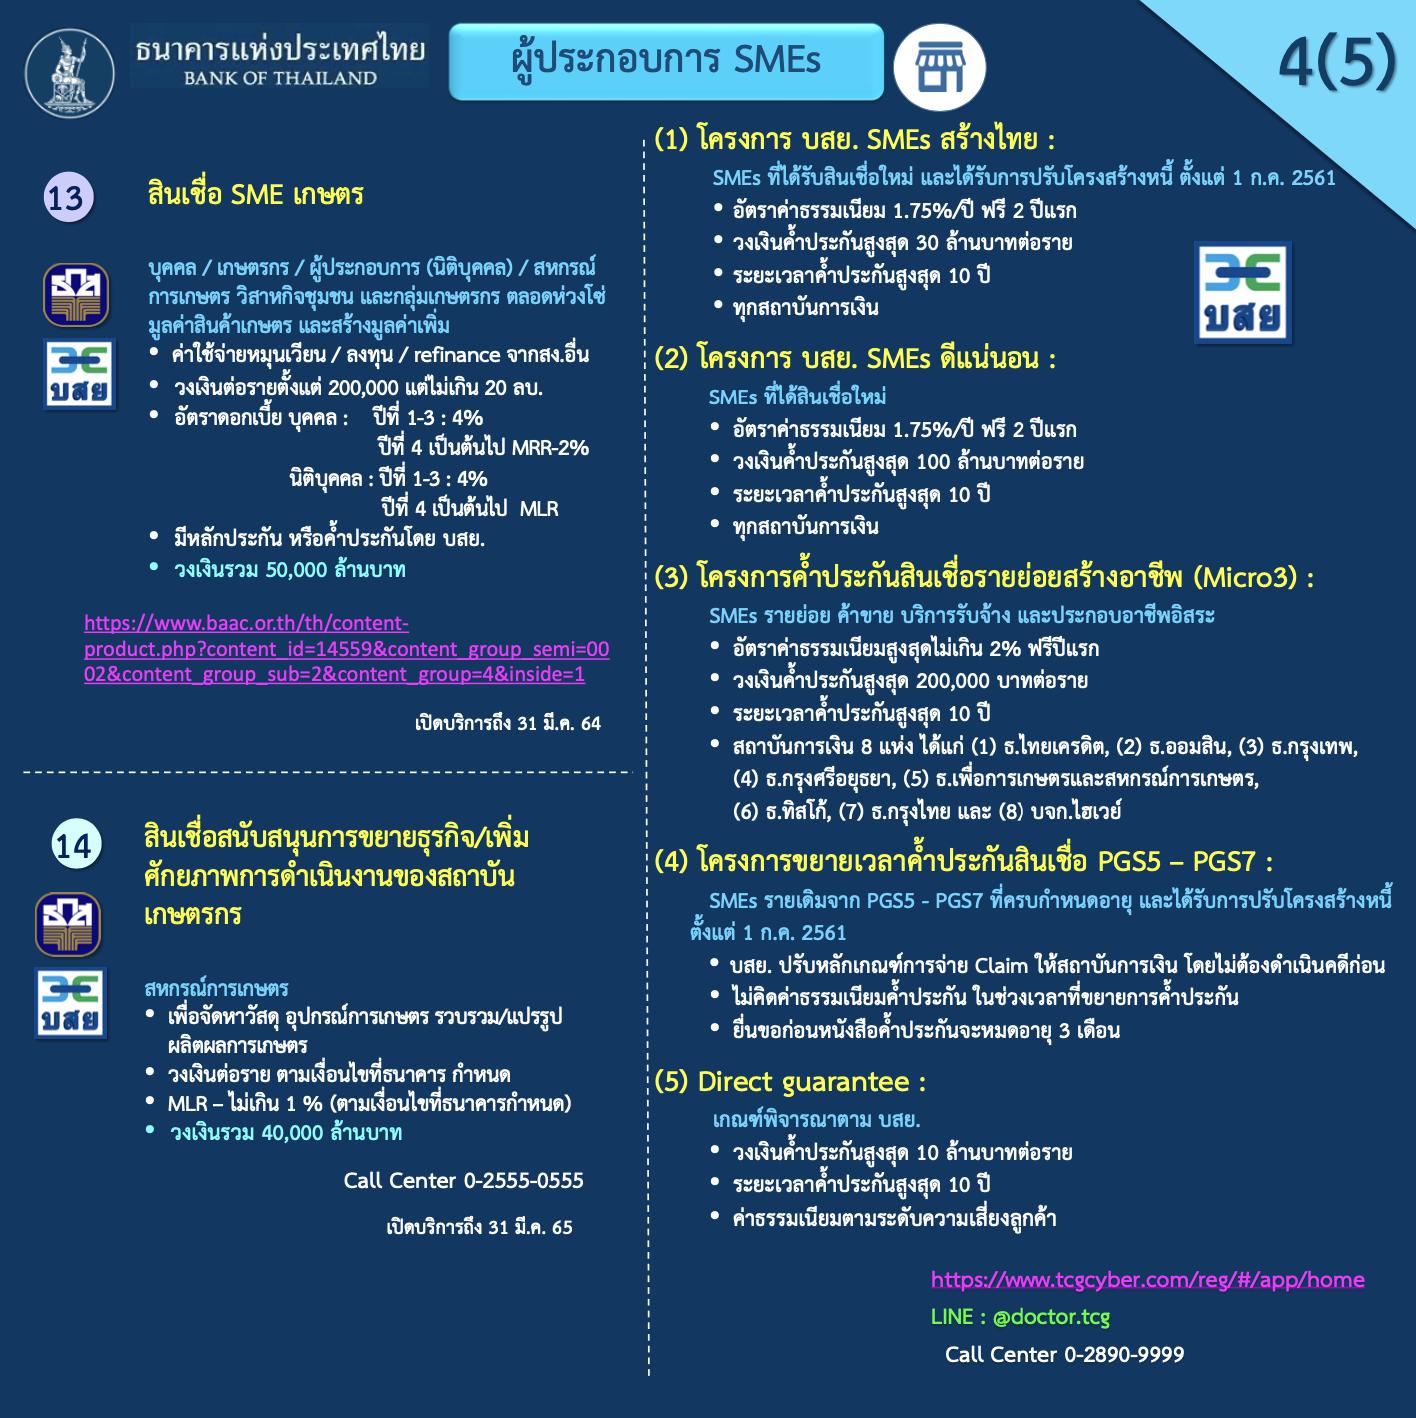 รายละเอียดธนาคาร สินเชื่อสำหรับผู้ประกอบการ SMEs 4(5)